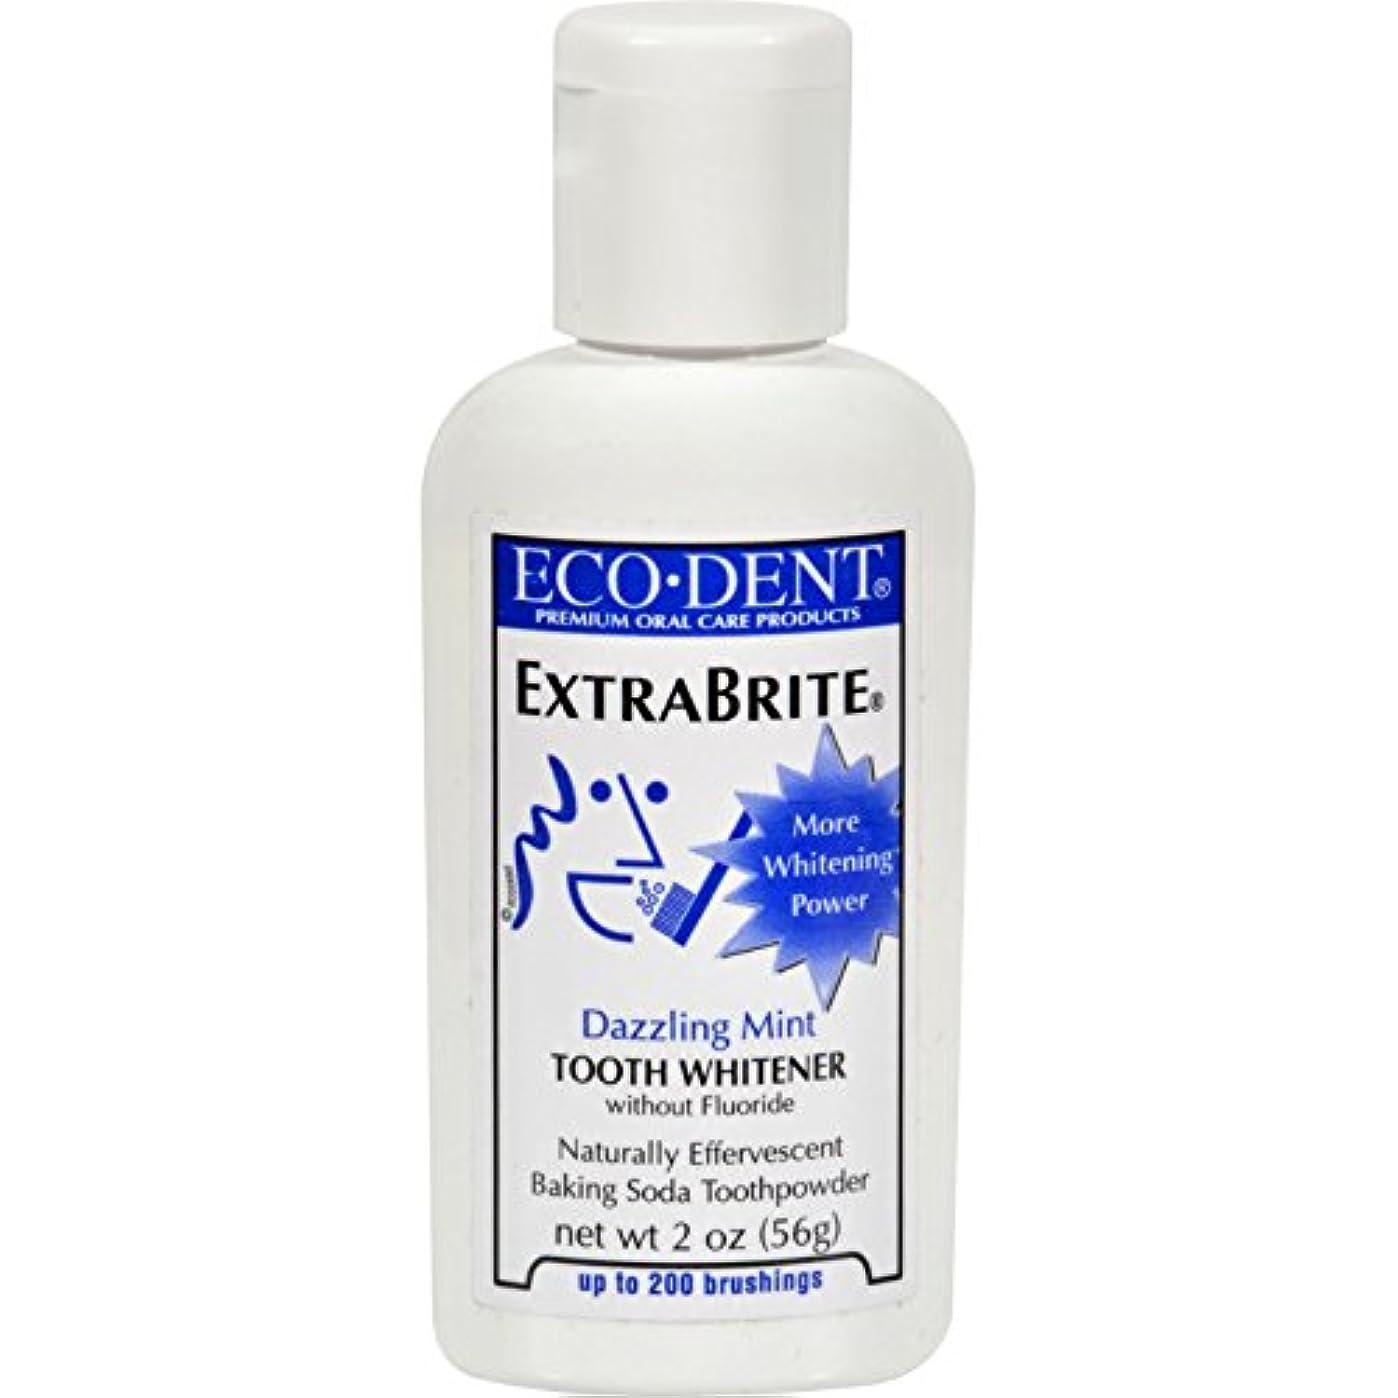 報告書期待してノミネートECO-DENT エコデント歯磨き粉Xbrite